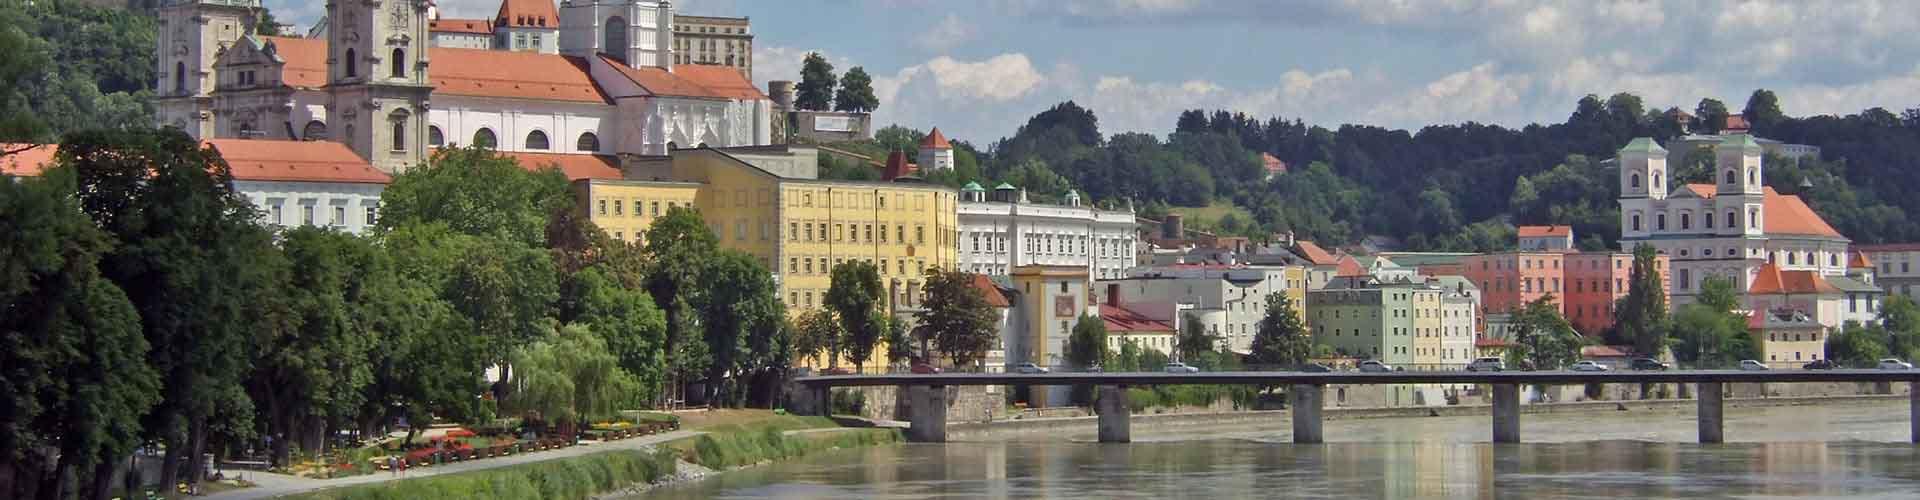 Passau - Hostales en Passau. Mapas de Passau, Fotos y comentarios de cada Hostal en Passau.